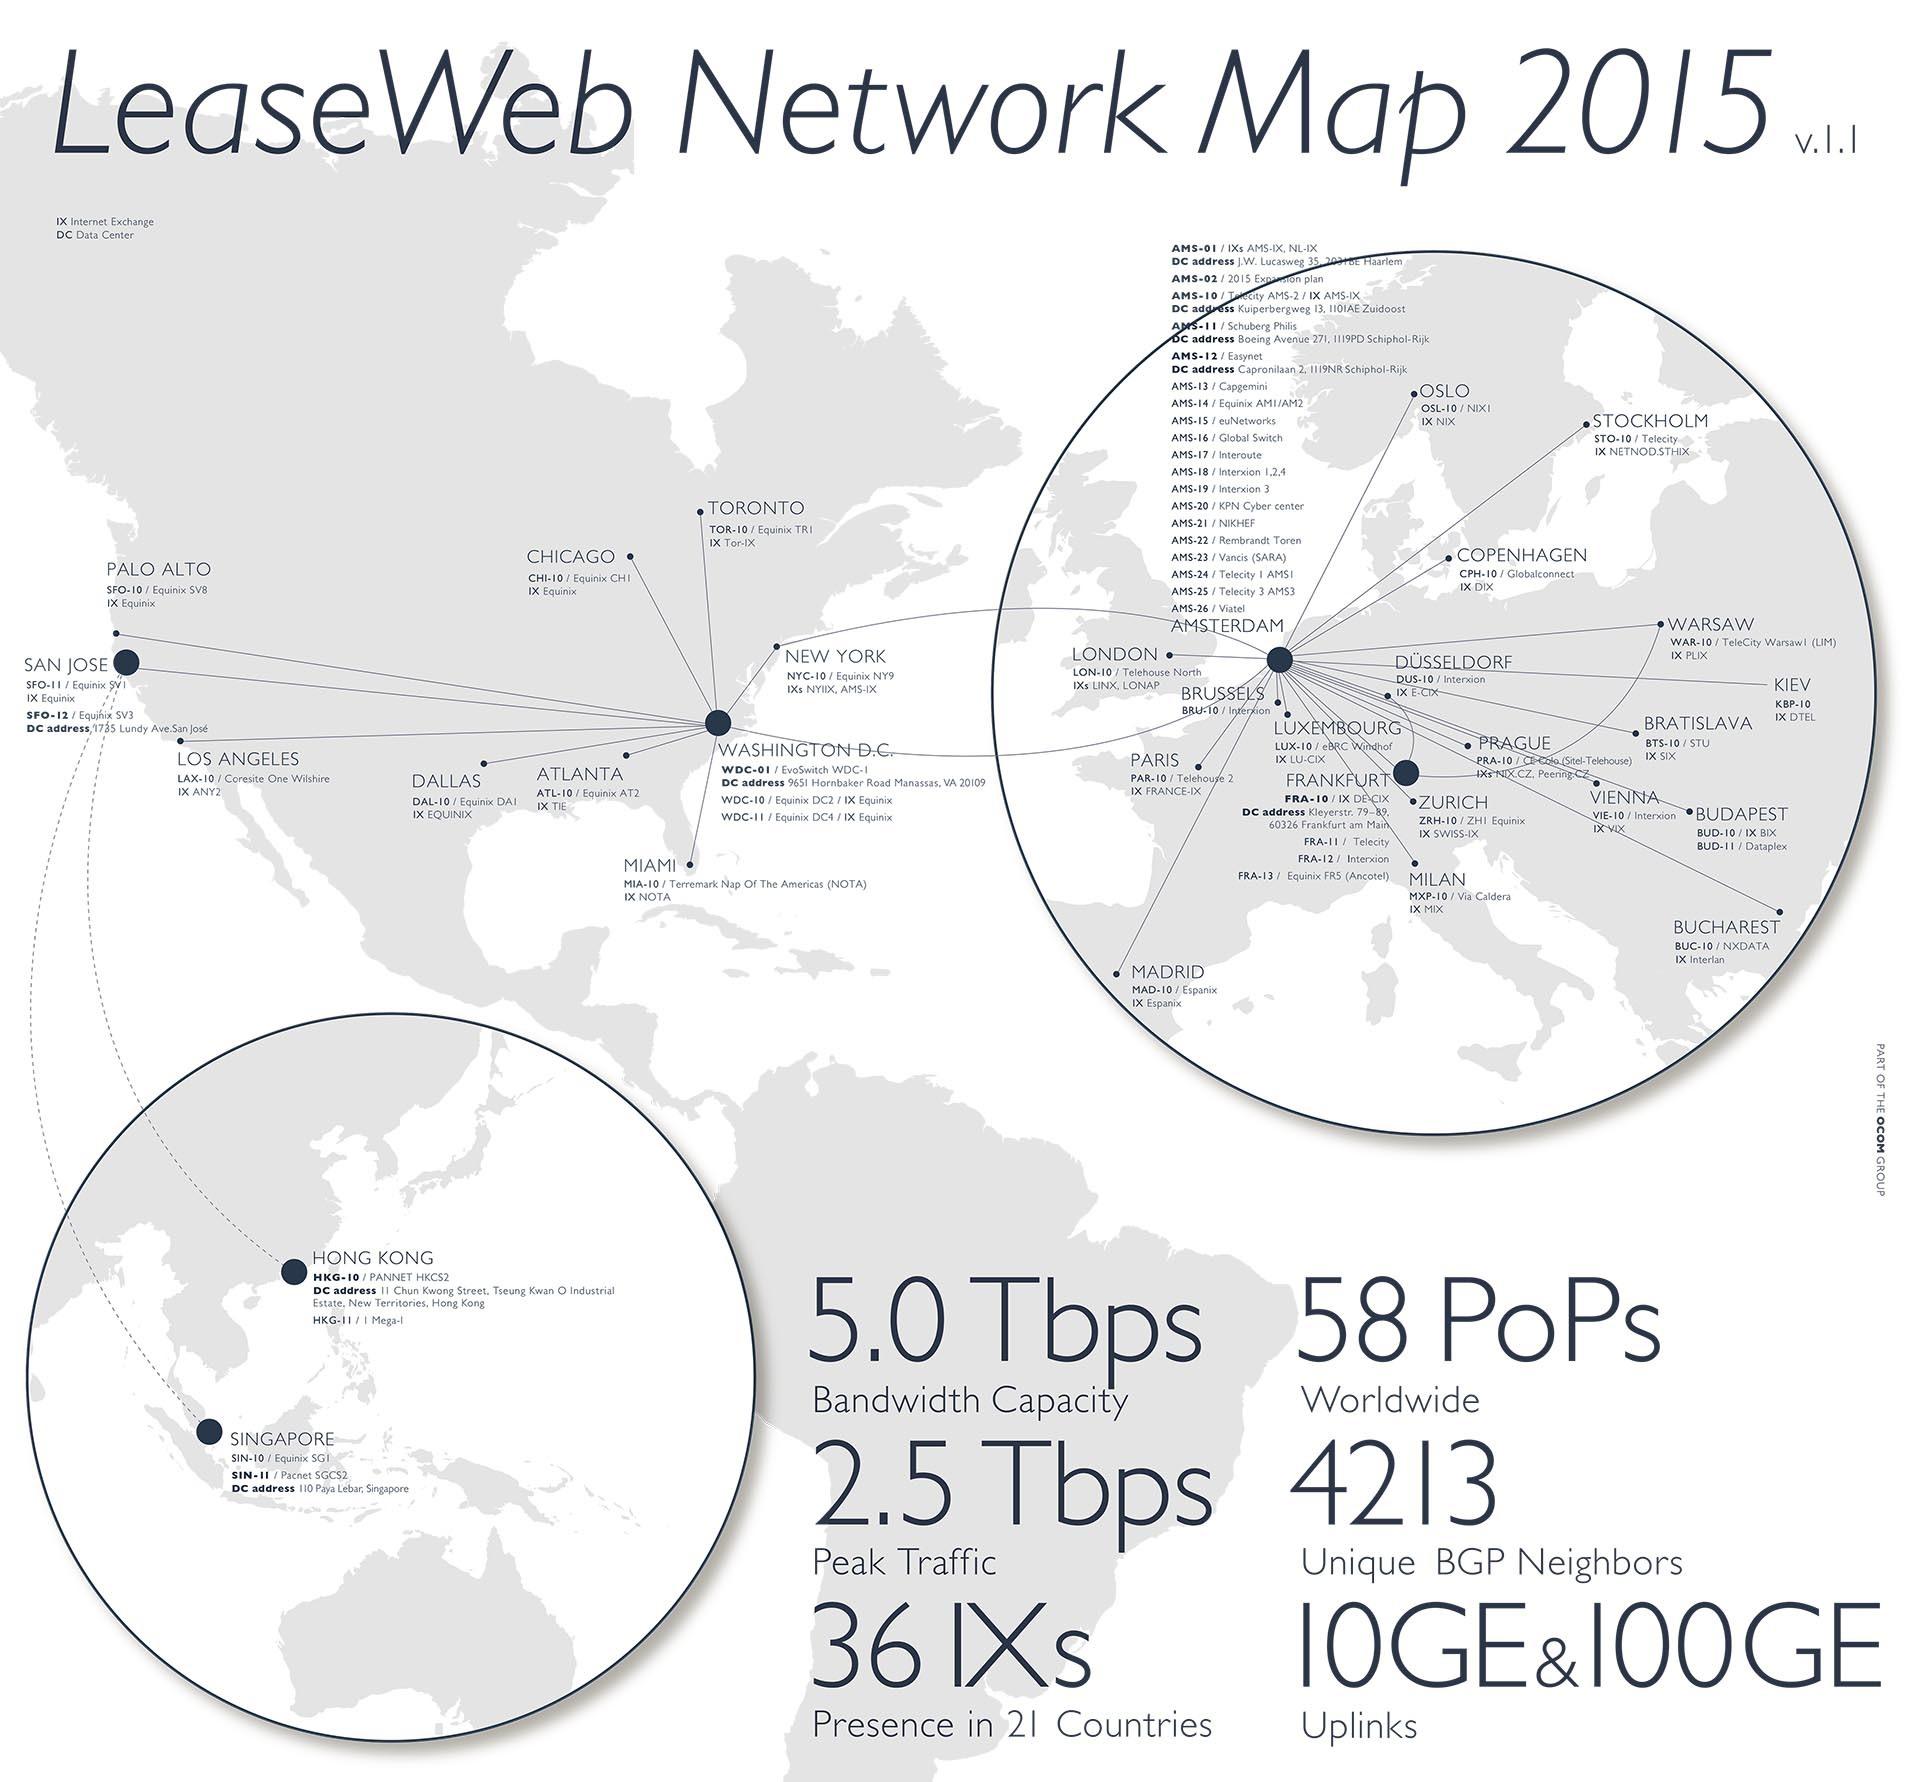 Общая емкость сетей LeaseWeb достигла 5 Тбит - с: моментальные выделенные серверы в Нидерландах от $39 только неделю - 1